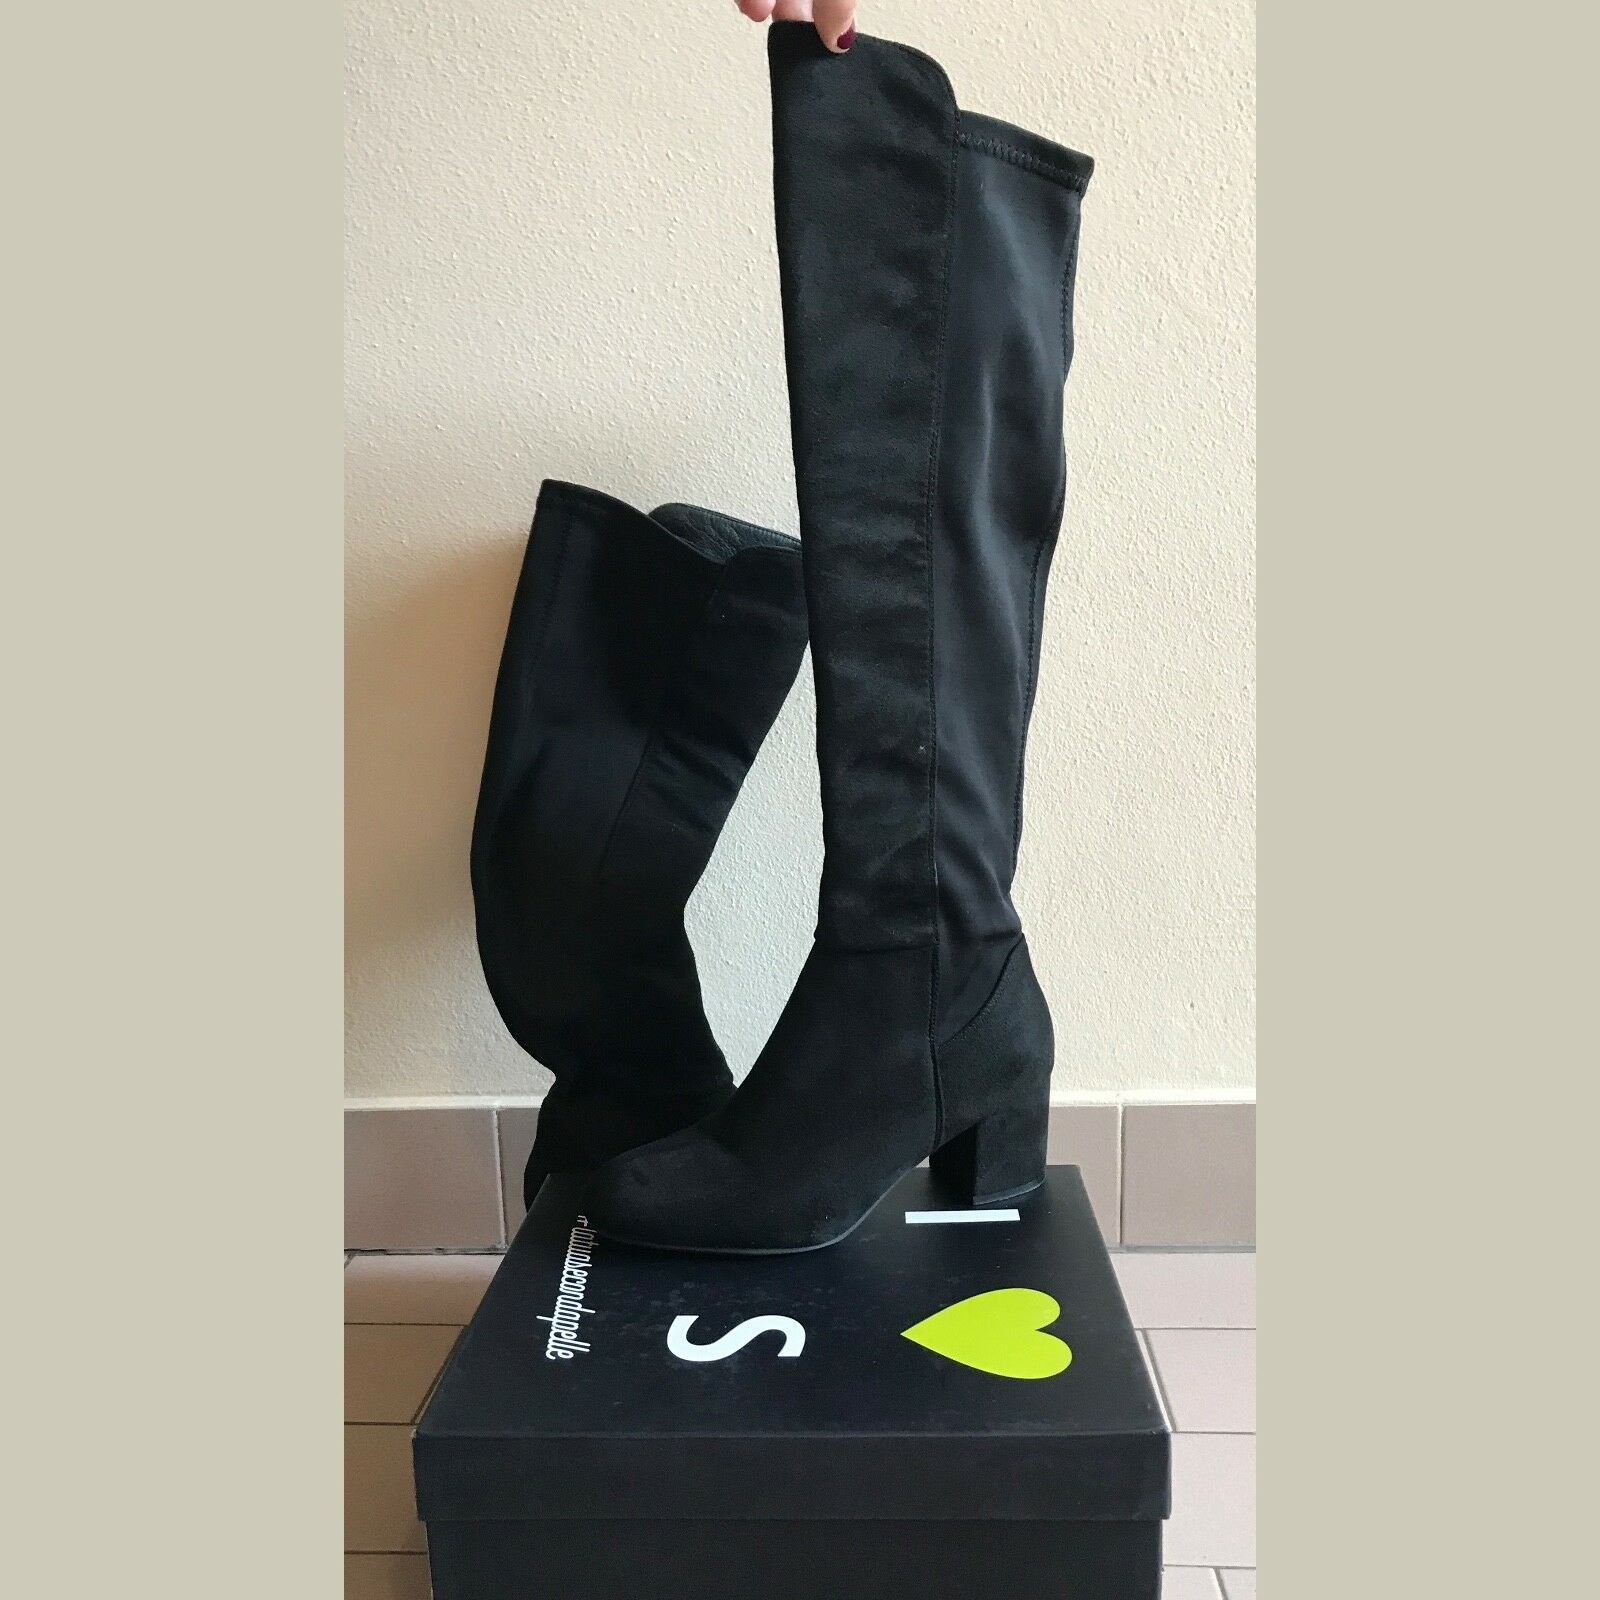 Stivali al ginocchio Ritmo Shoes N.39 Stivali Al Ginocchio